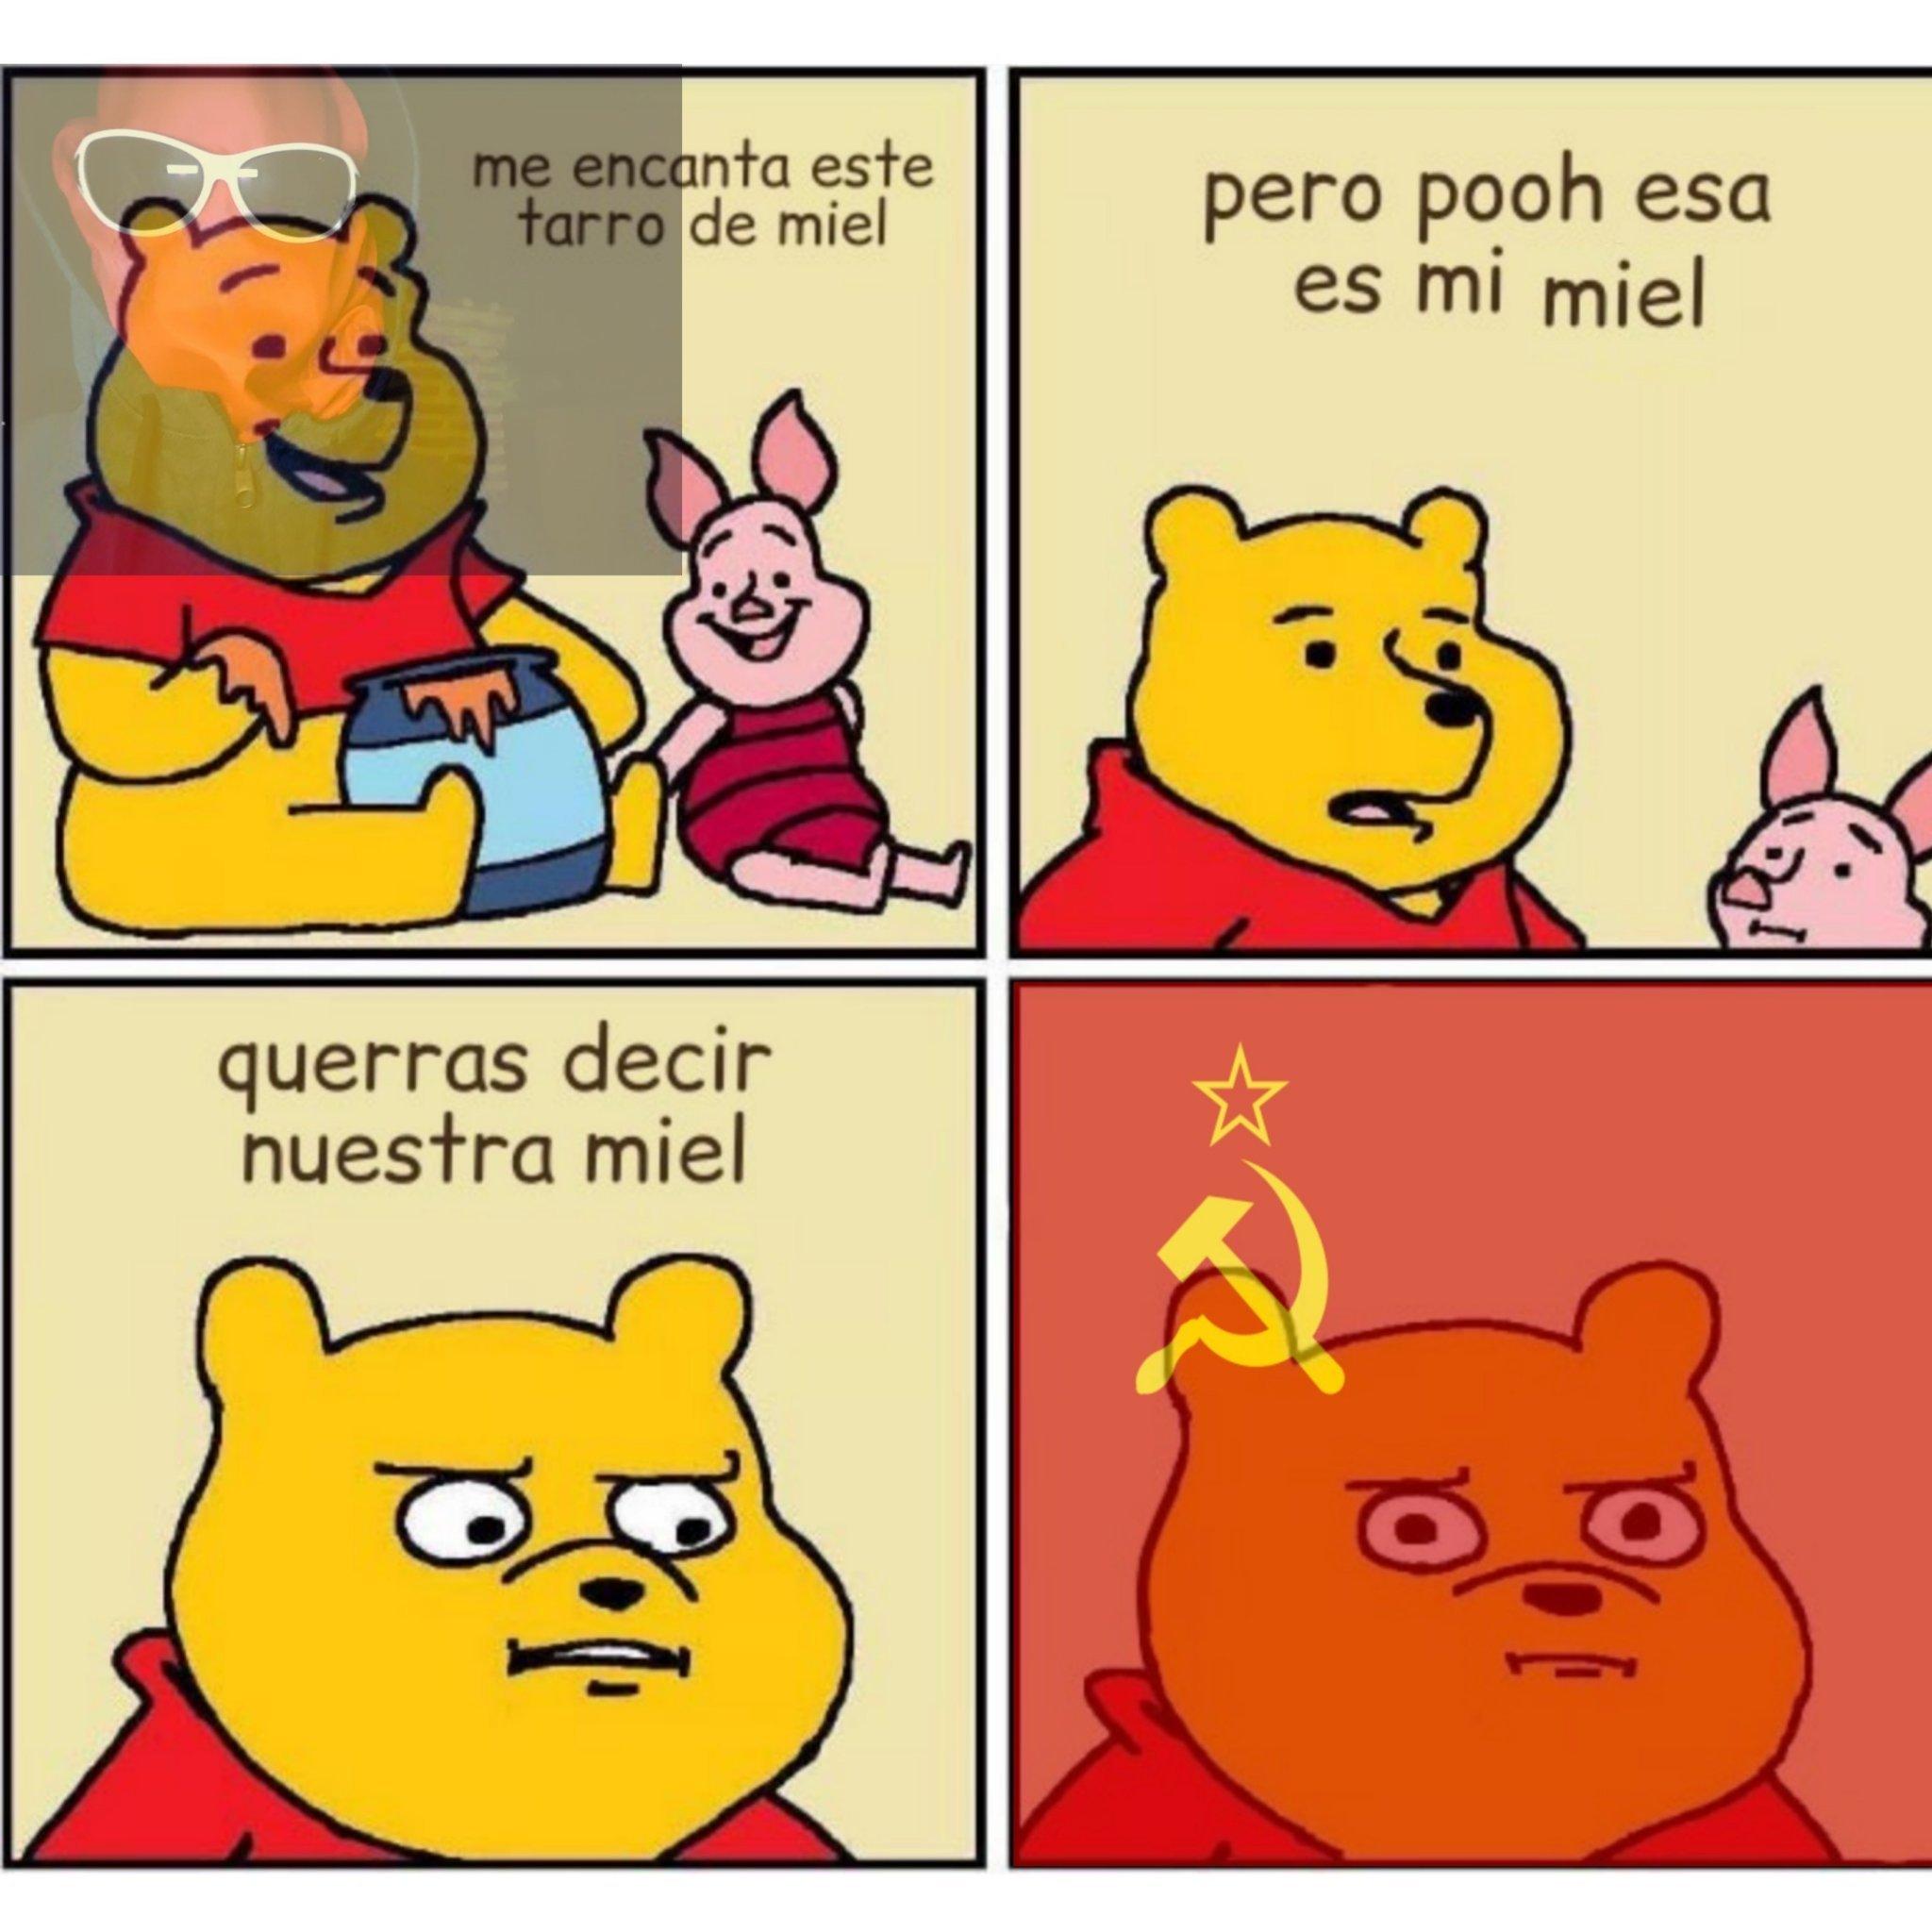 Pooh es comunista - meme